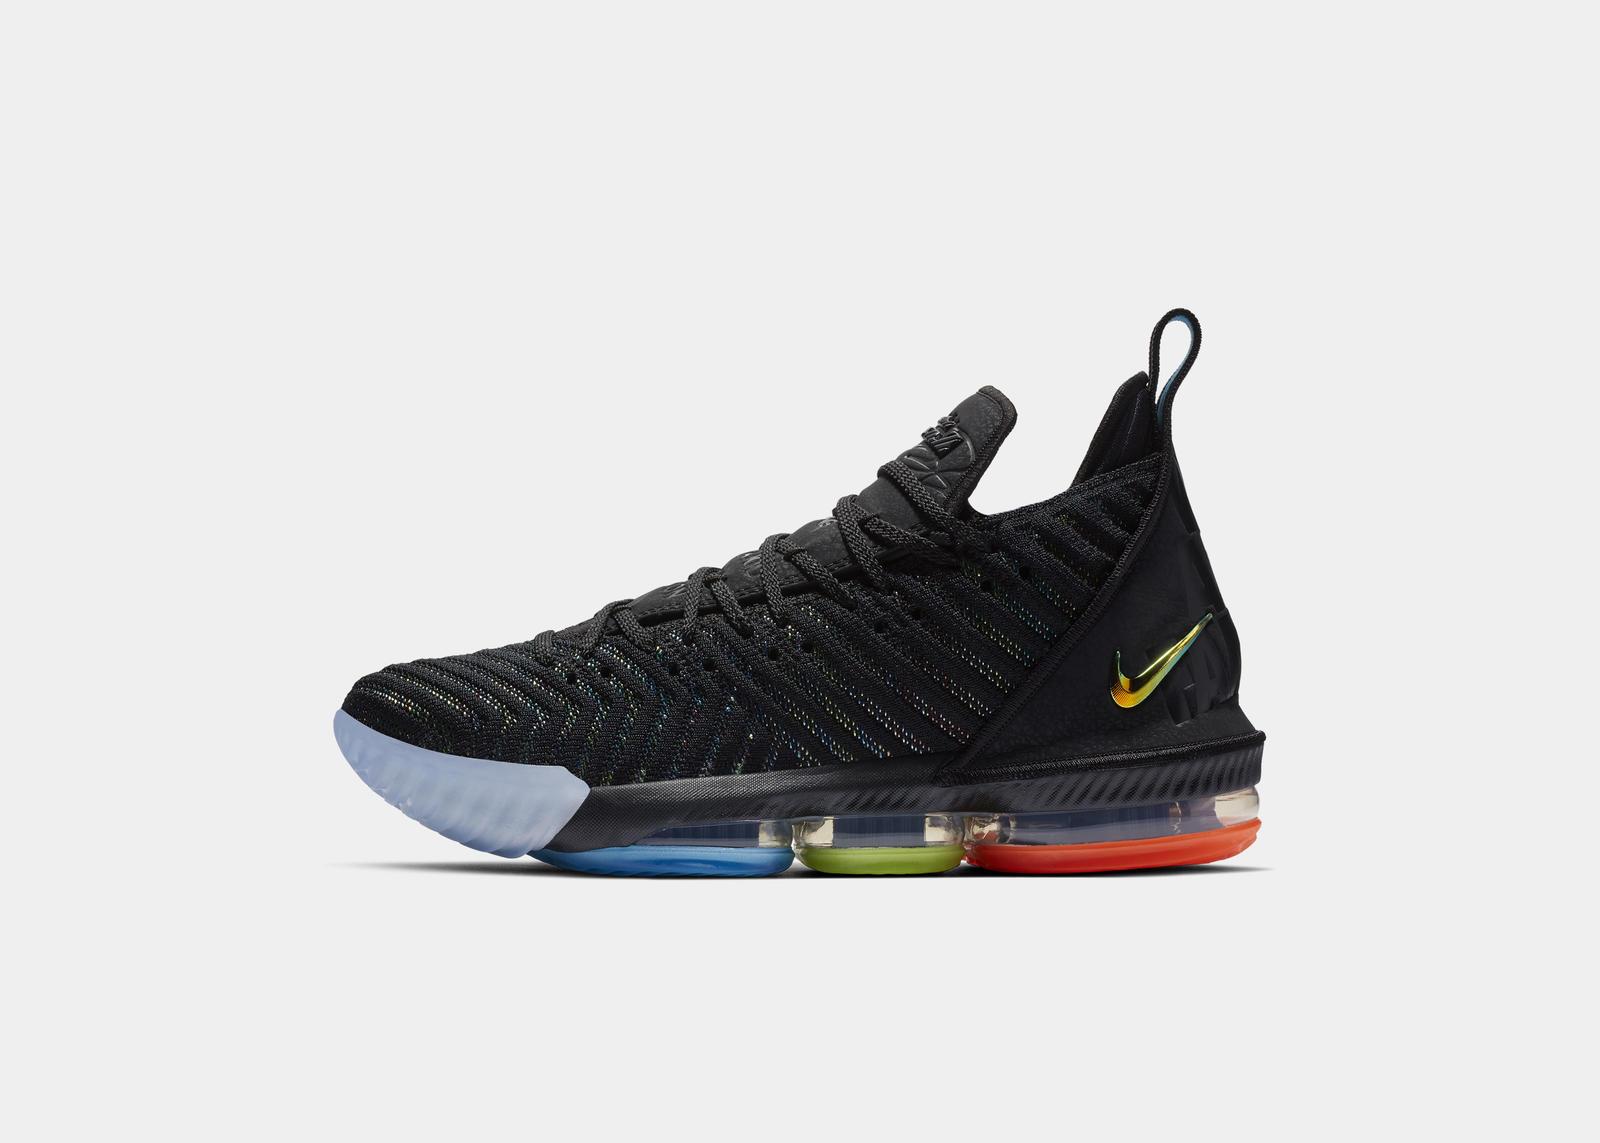 dacbb3e82303 Nike LeBron 16 I Promise 1 - WearTesters